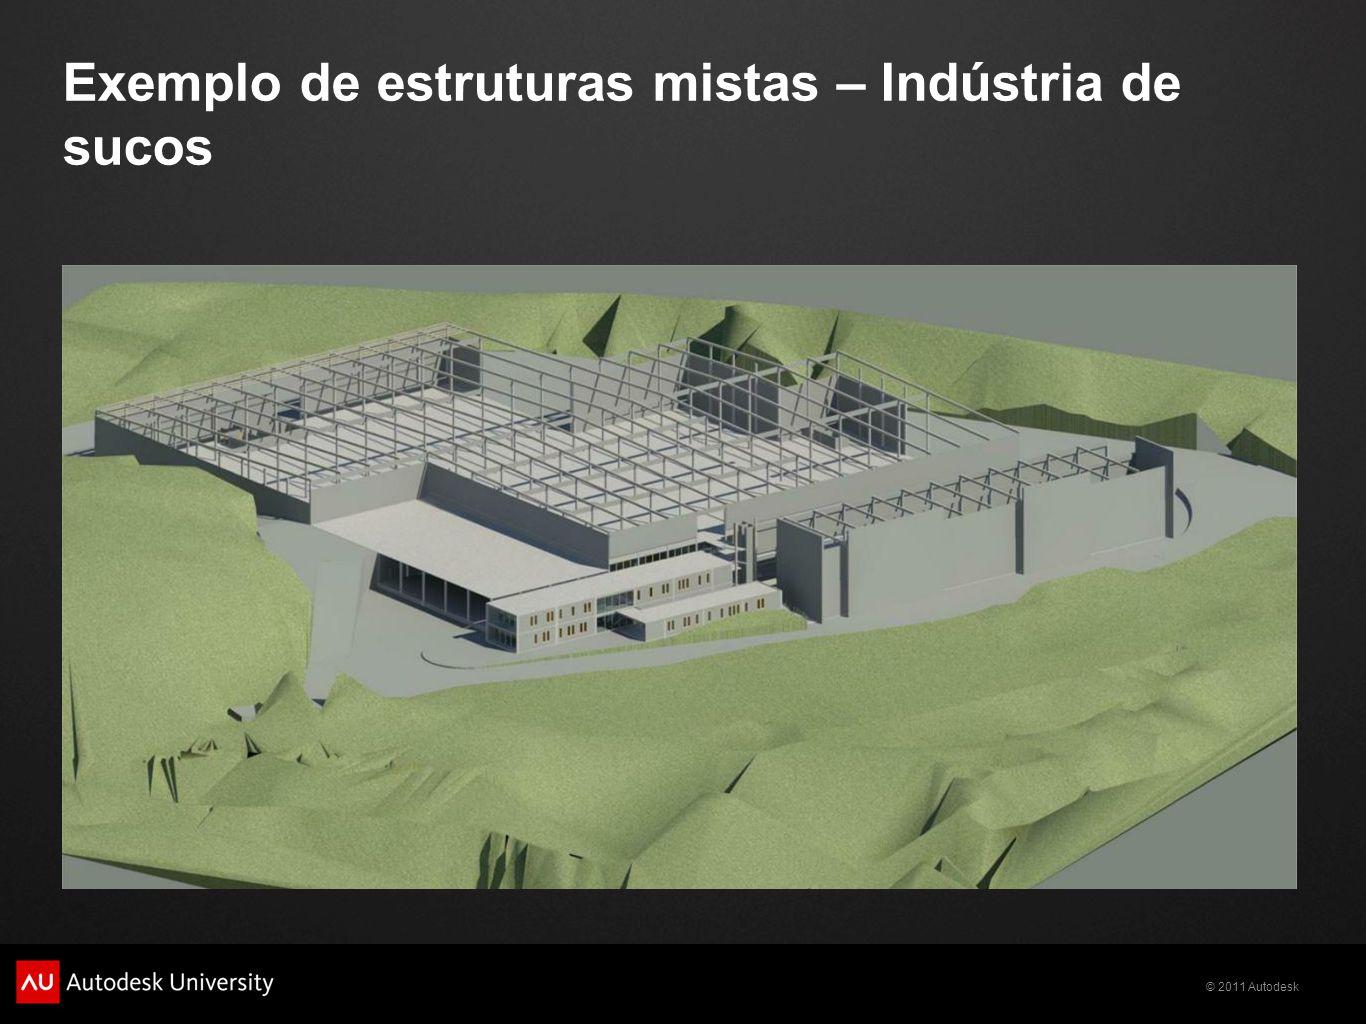 Exemplo de estruturas mistas – Indústria de sucos